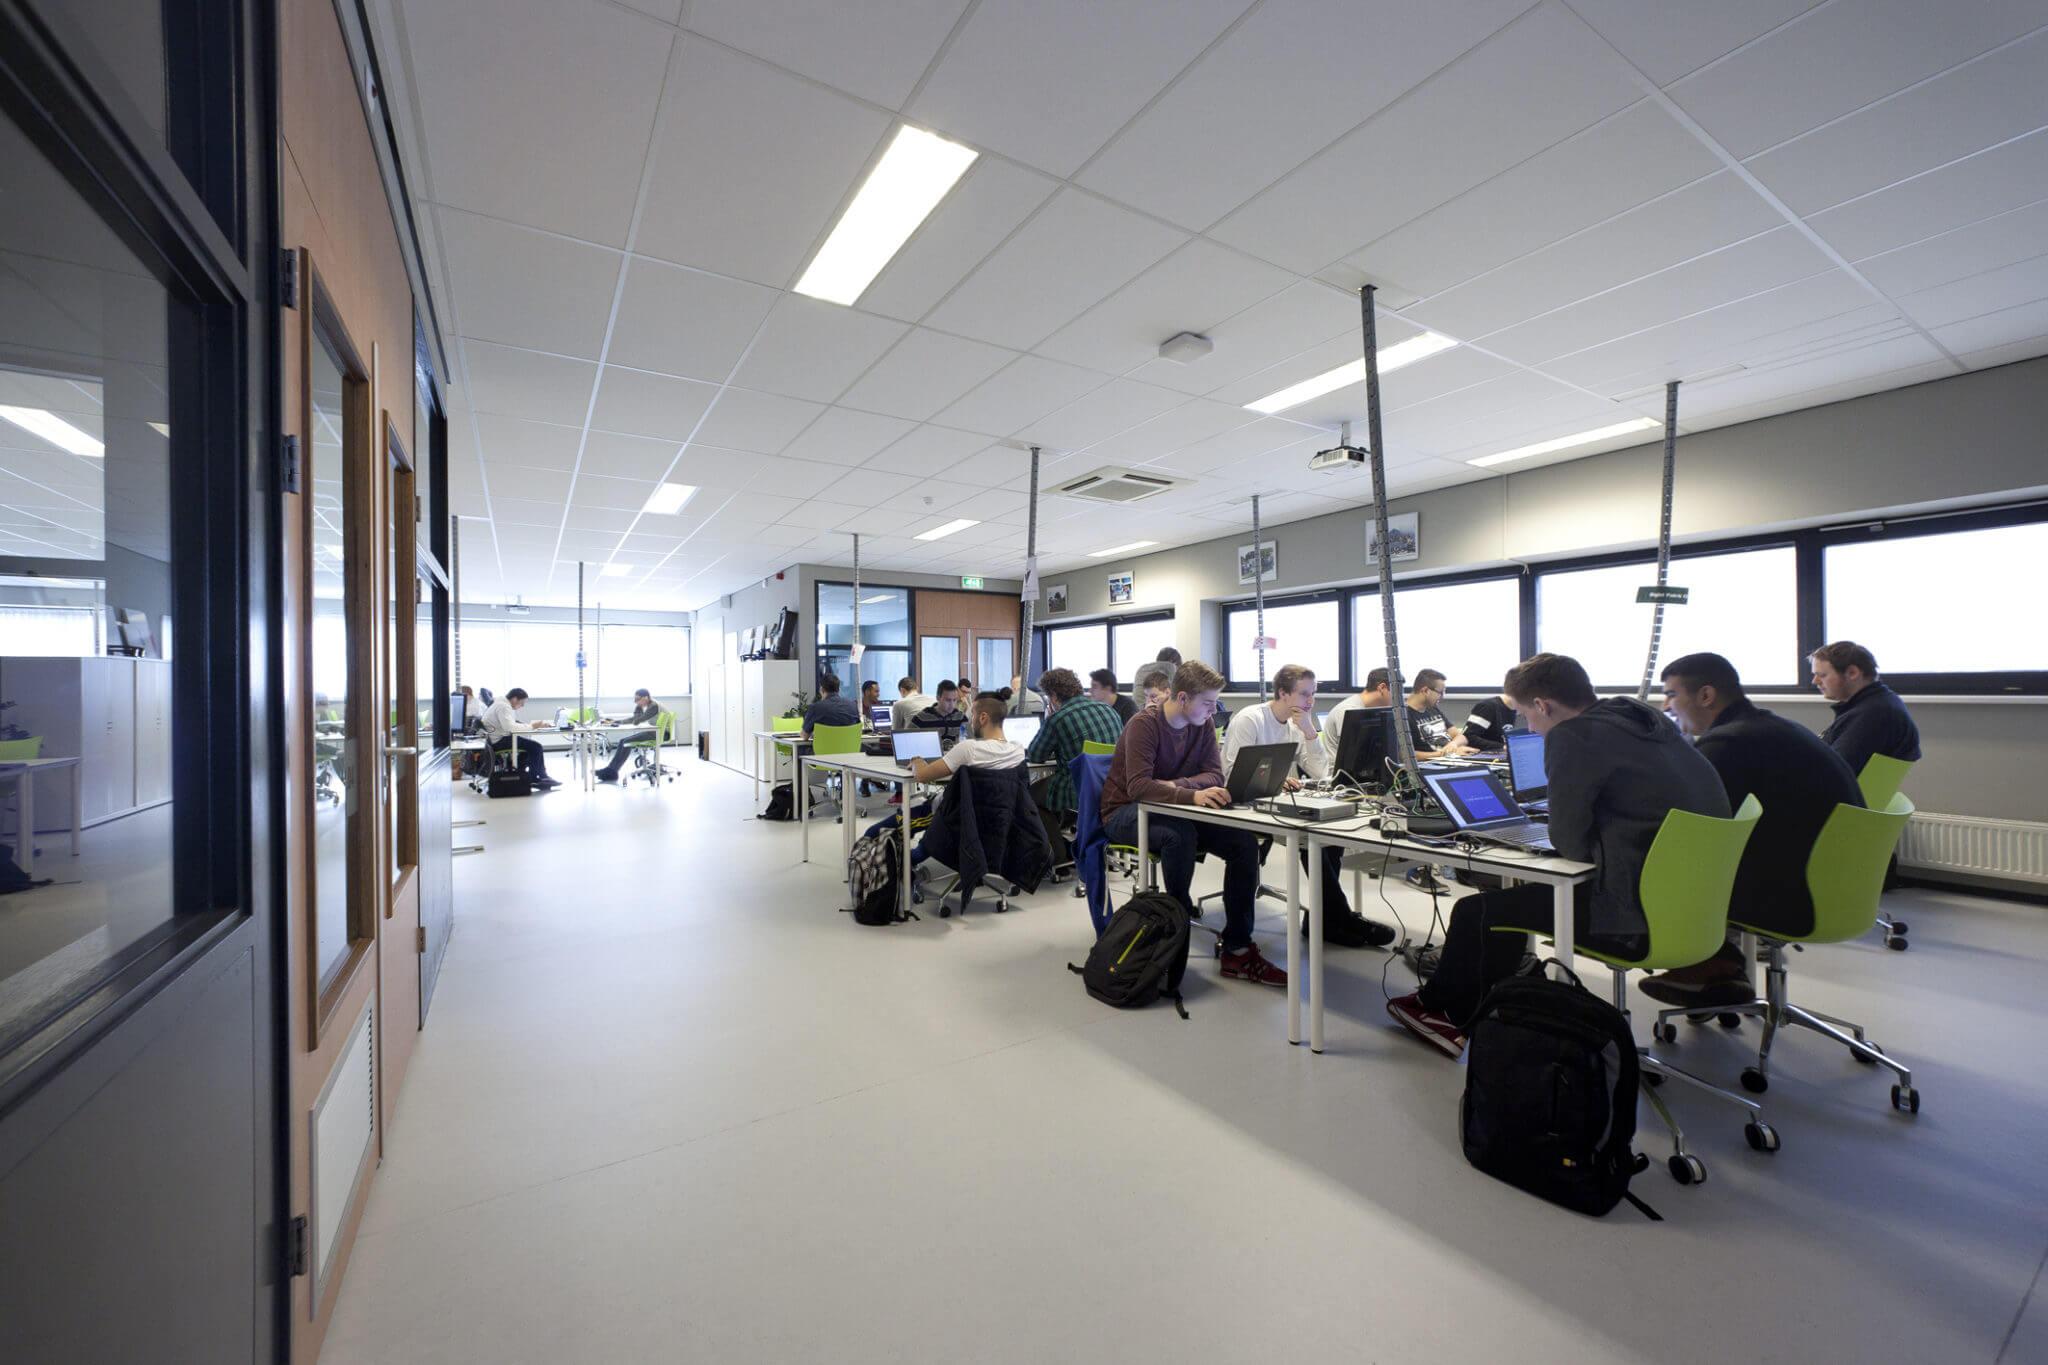 Tilburg onderwijs ROC ICT media OGT technologie renovatie domein ontmoeting beroepsomgeving creatief ateliers no-nonsense server cockpits